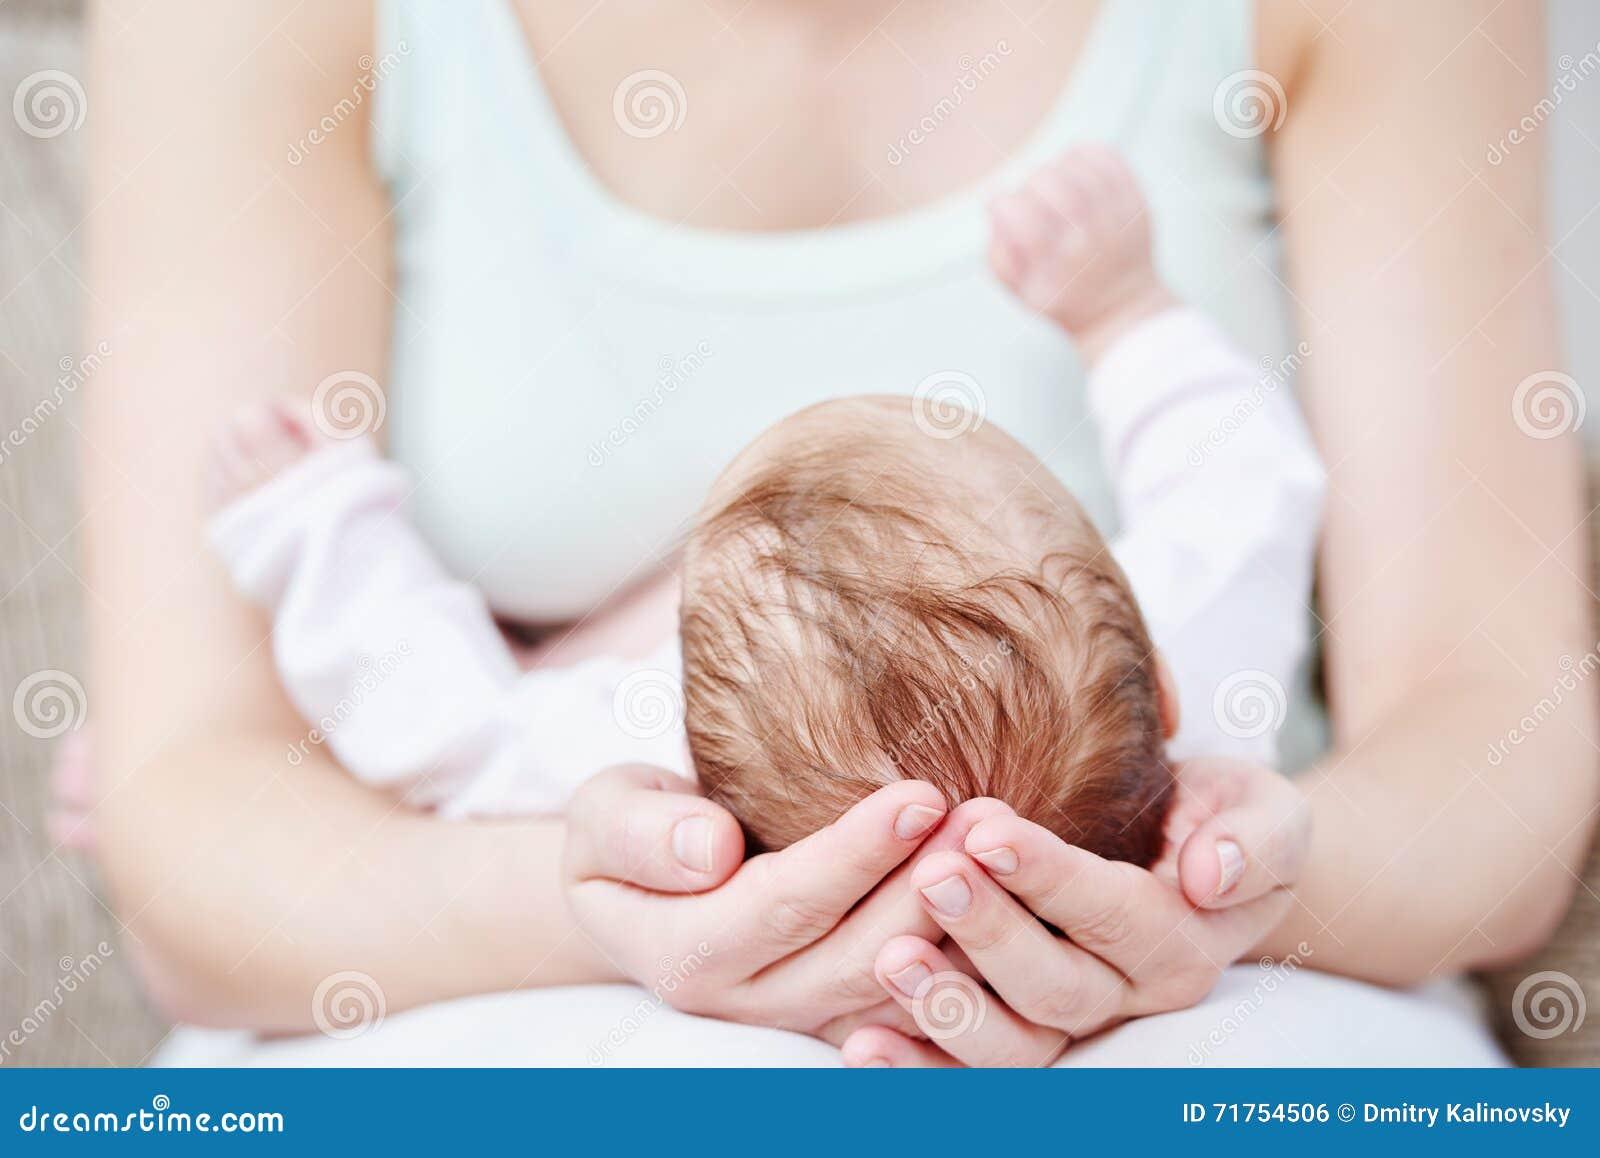 7d6ede54862 Maternidad o concepto de la maternidad mime a las manos con el niño recién  nacido del bebé que duerme en ellas